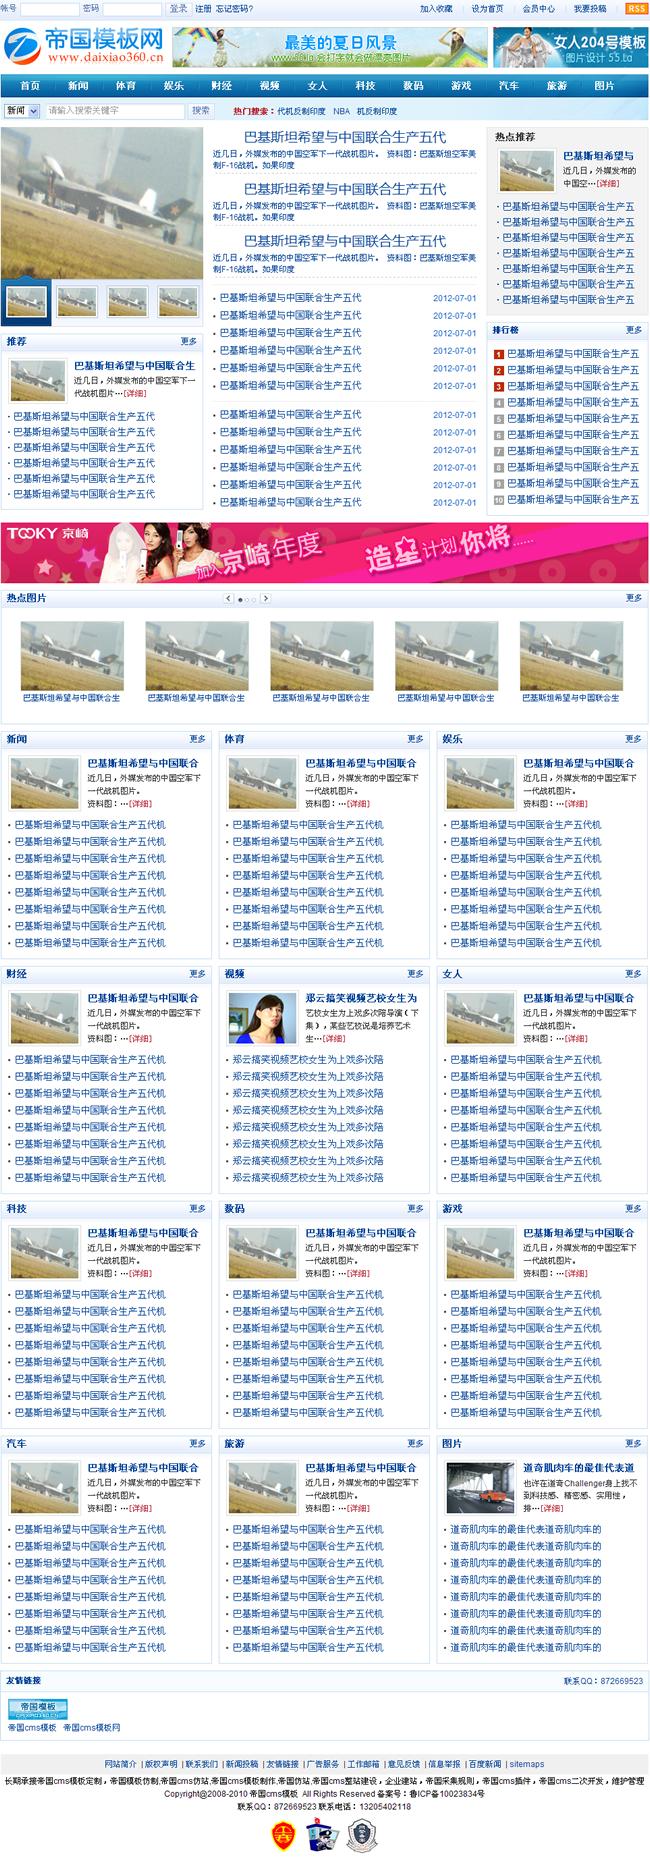 帝国cms新闻门户行业资讯网站程序模板_首页